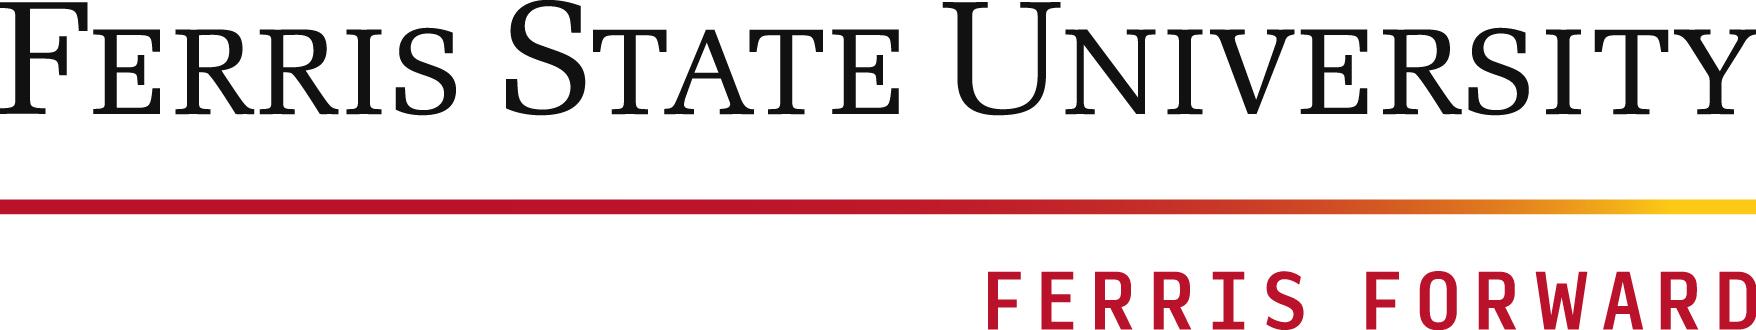 Ferris State University Ferris Forward